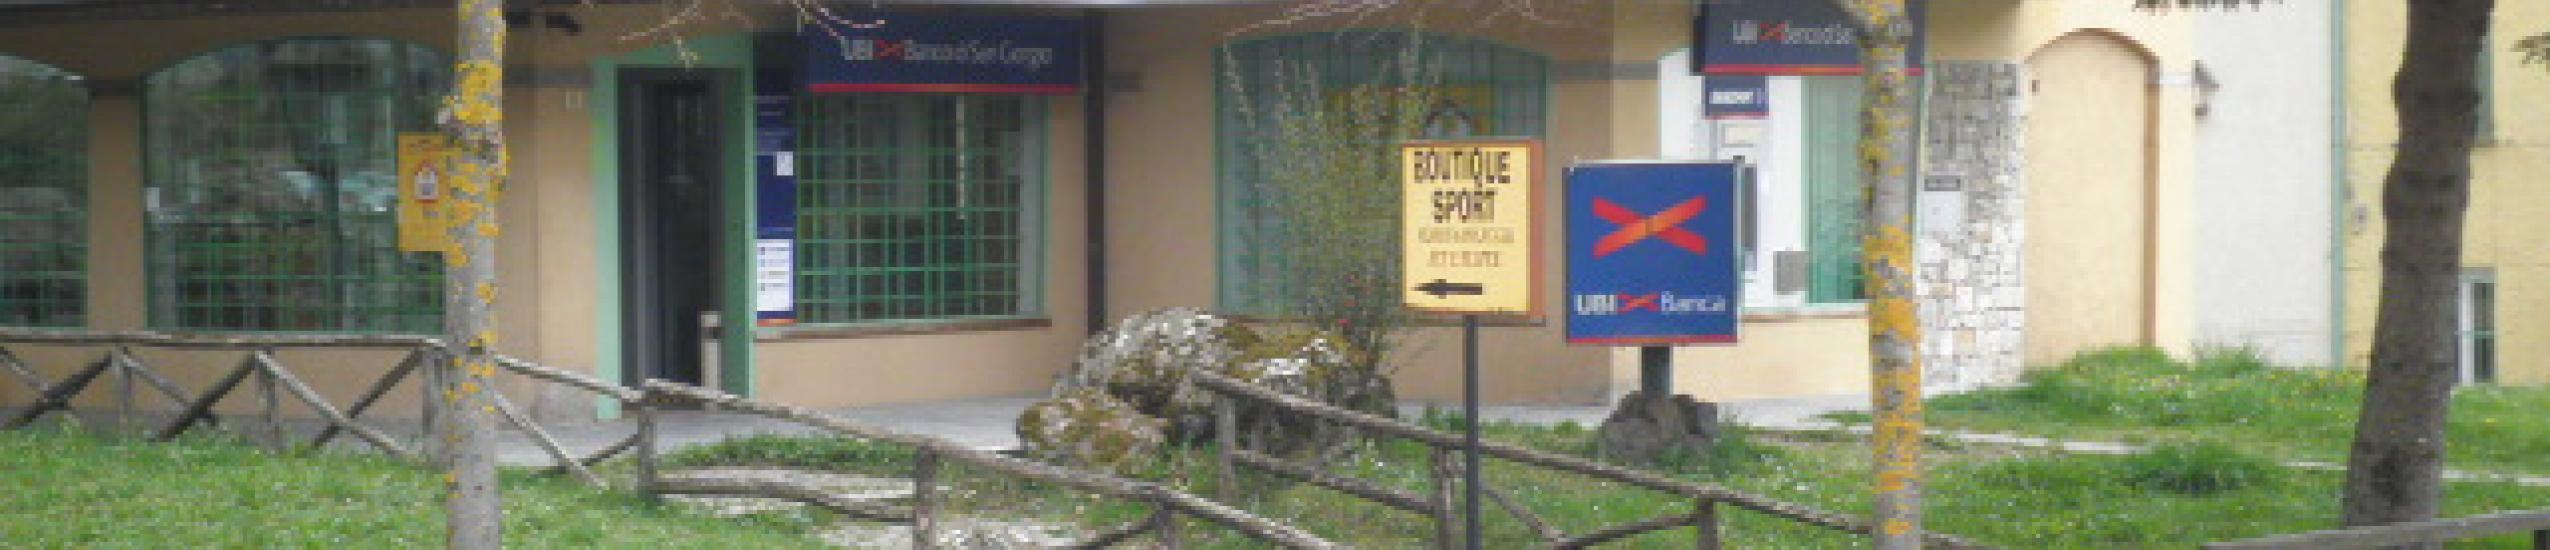 Banco san giorgio Santo Stefano